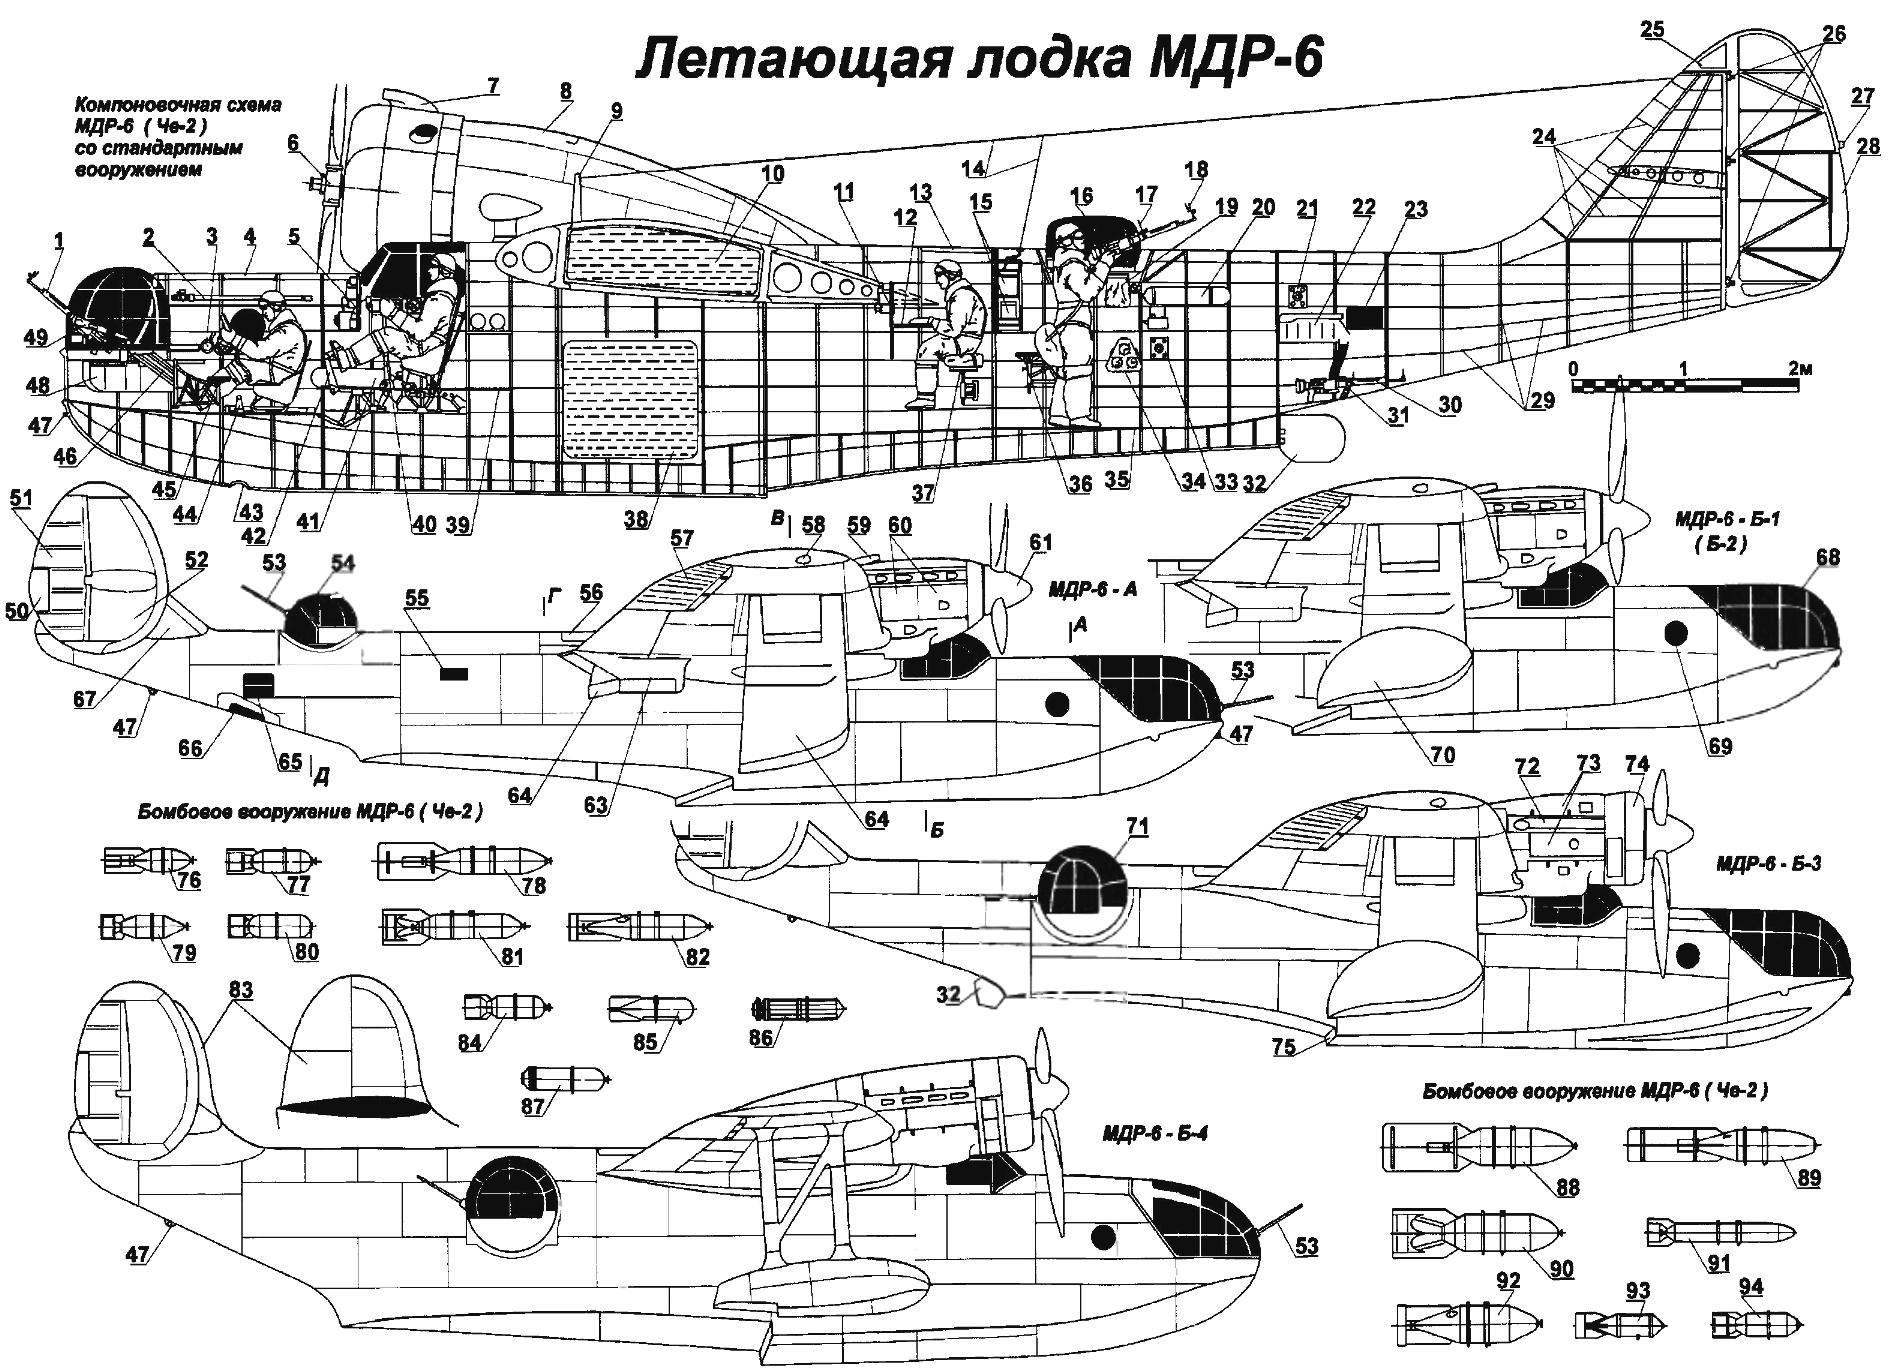 Дальний морской разведчик МДР-6